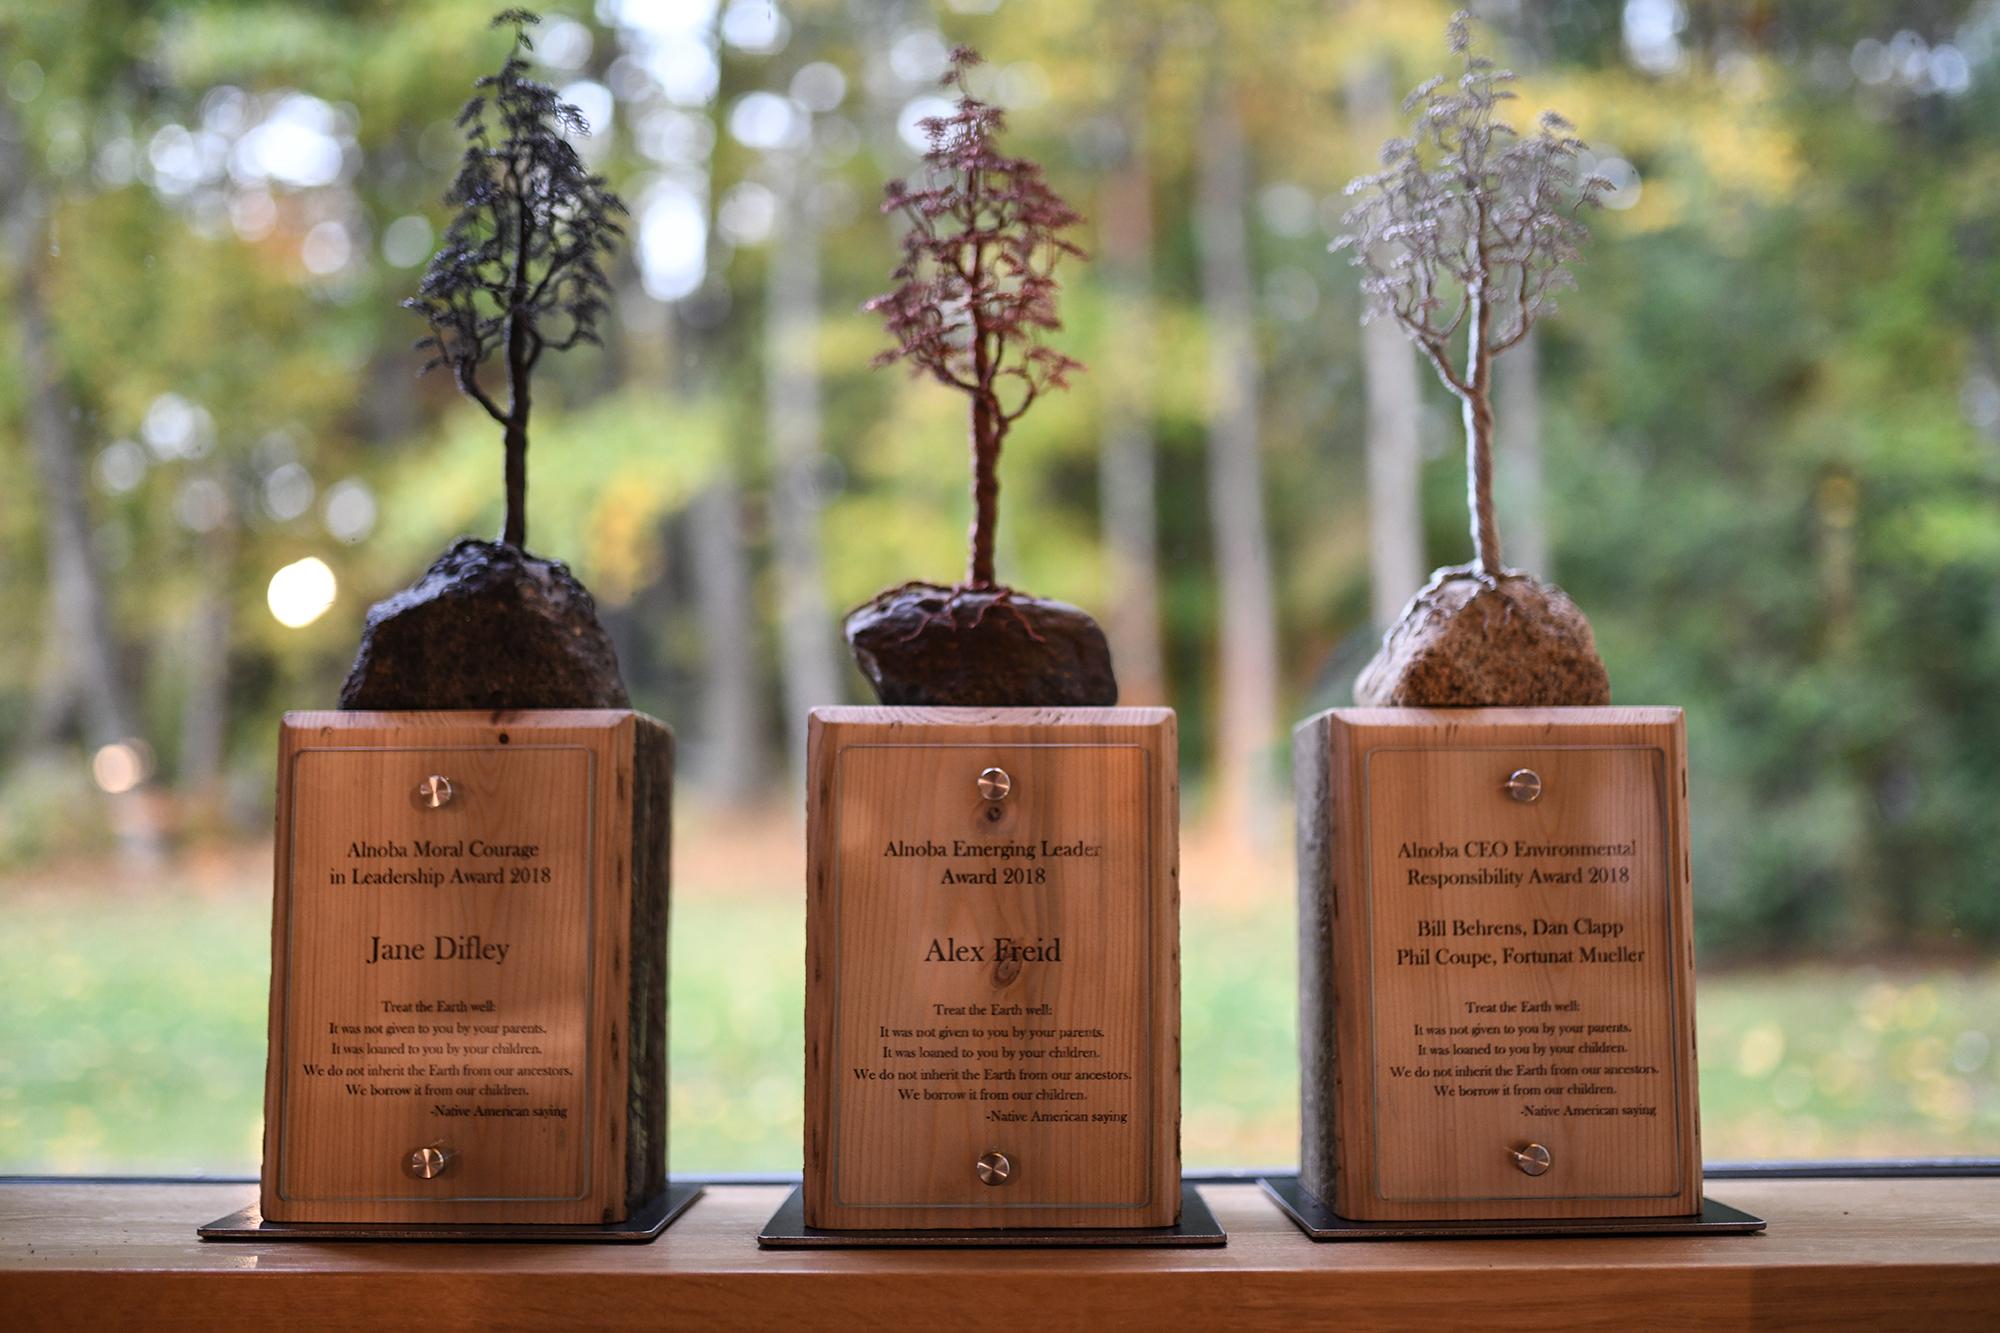 Alnoba Leadership Awards 2018